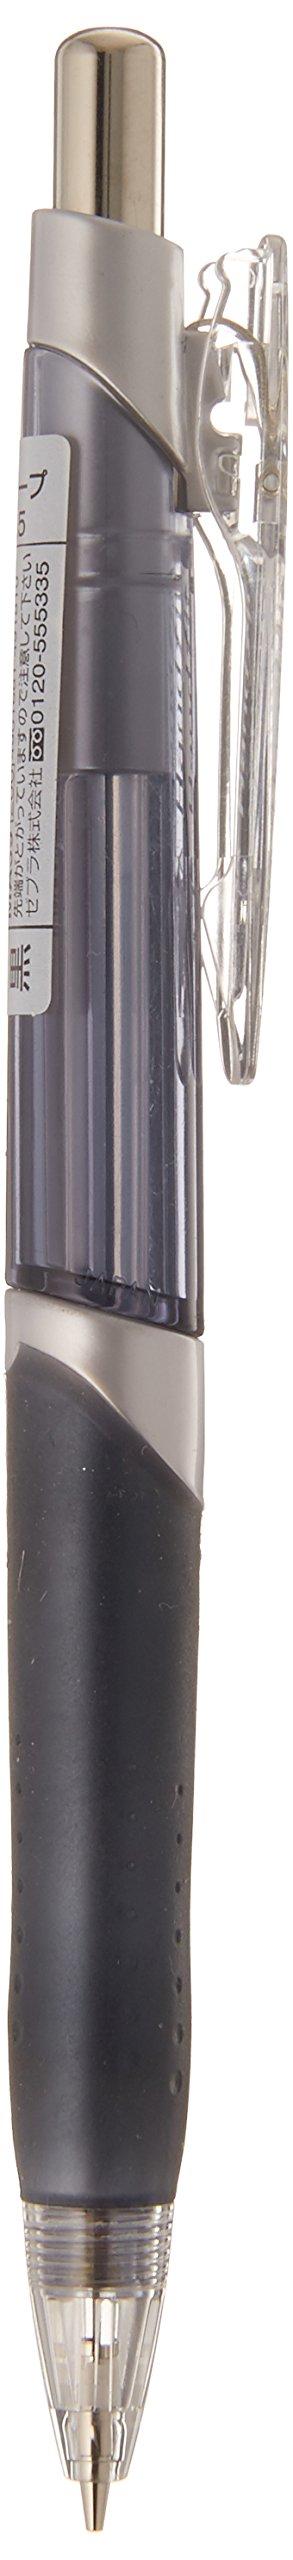 Zebra Hand Fit R - Portaminas, 0,5 mm, color negro